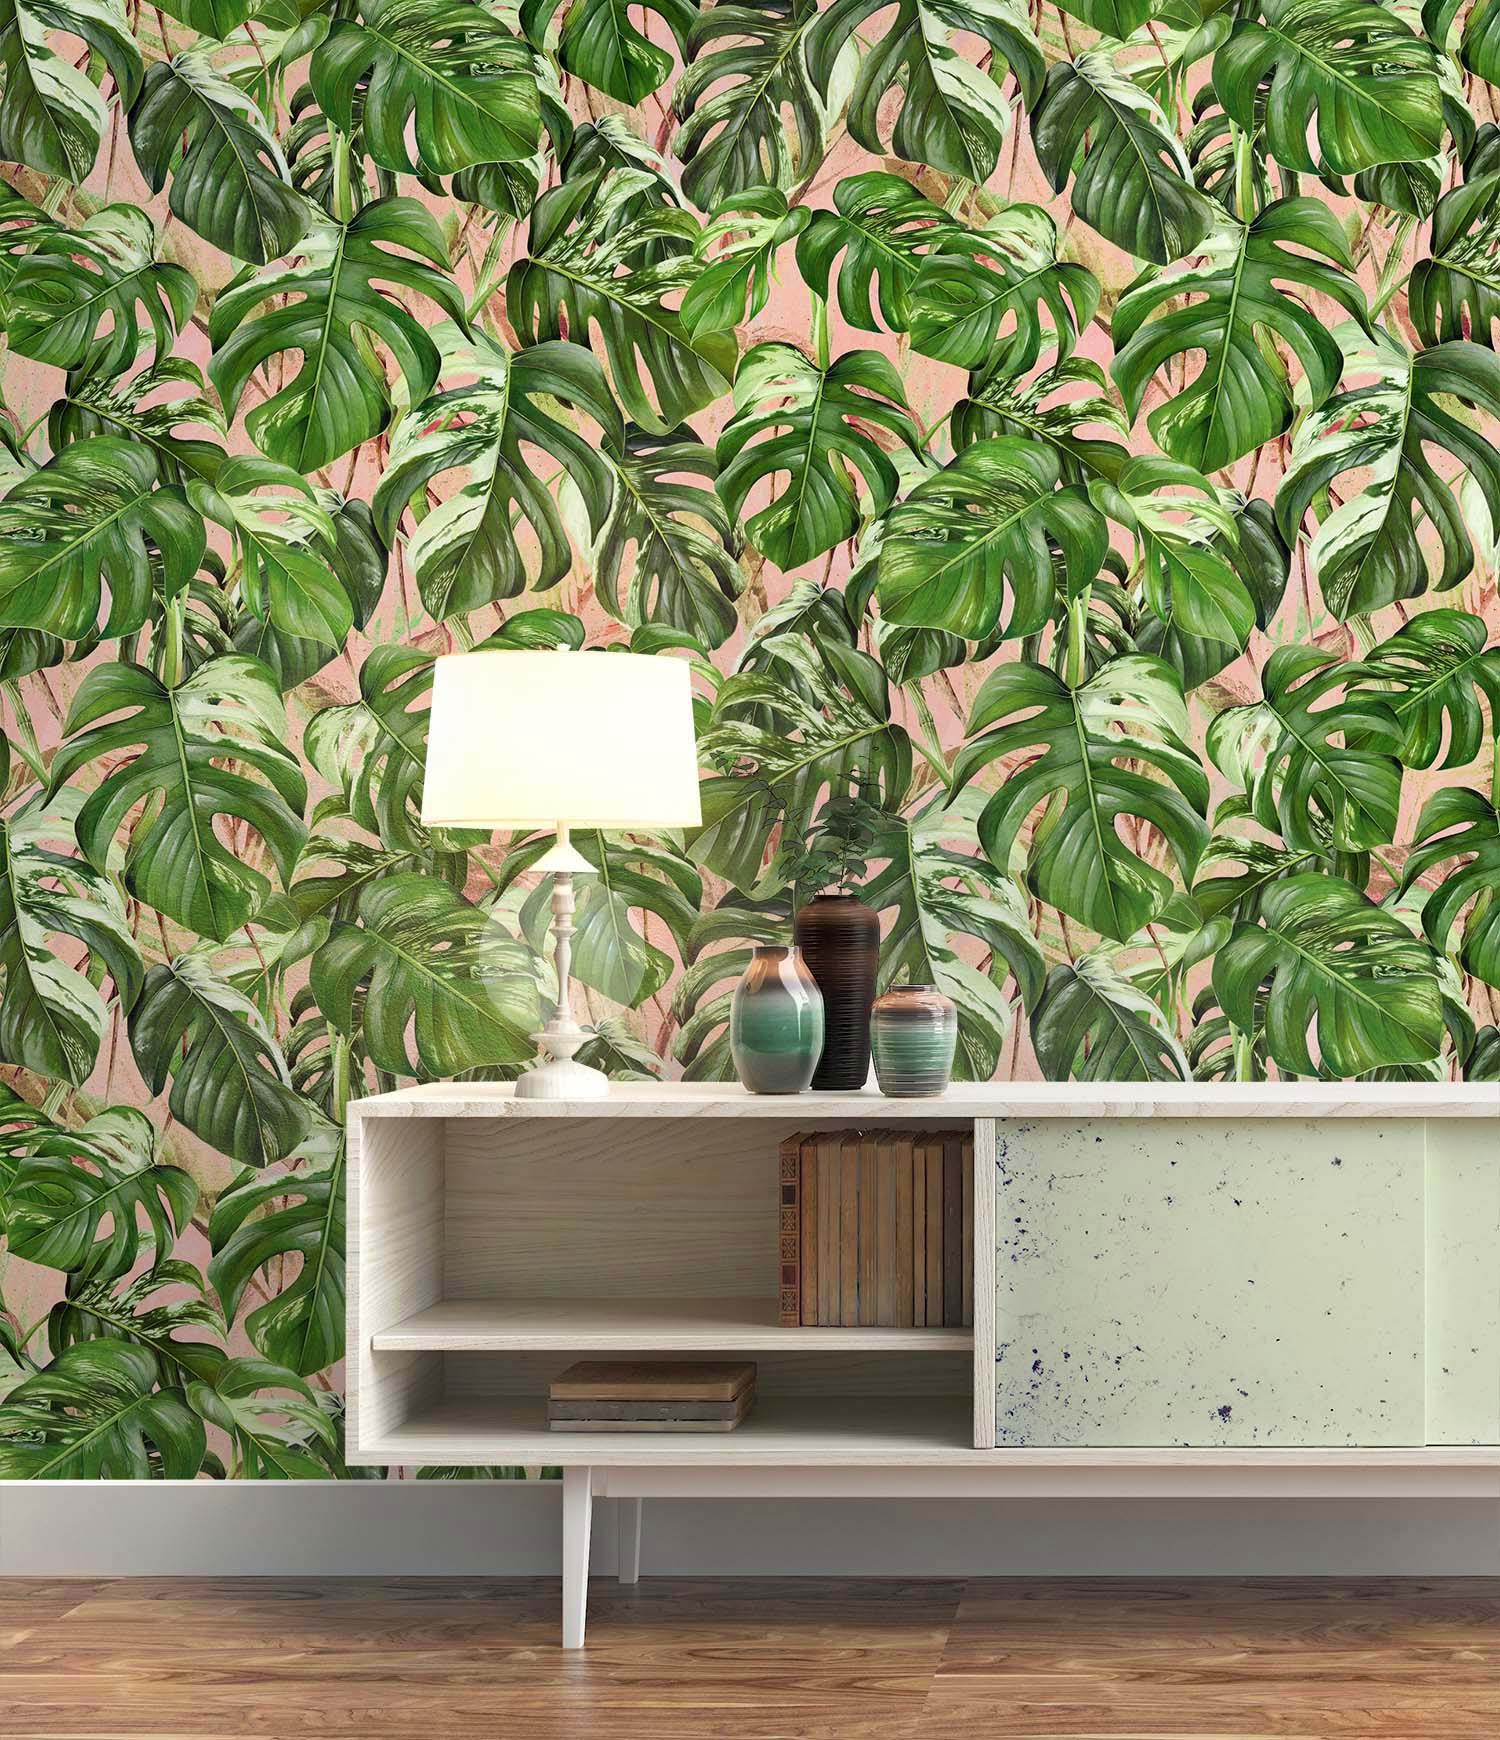 DecoWorks Palm Leaf Pink Pastel Wallpaper